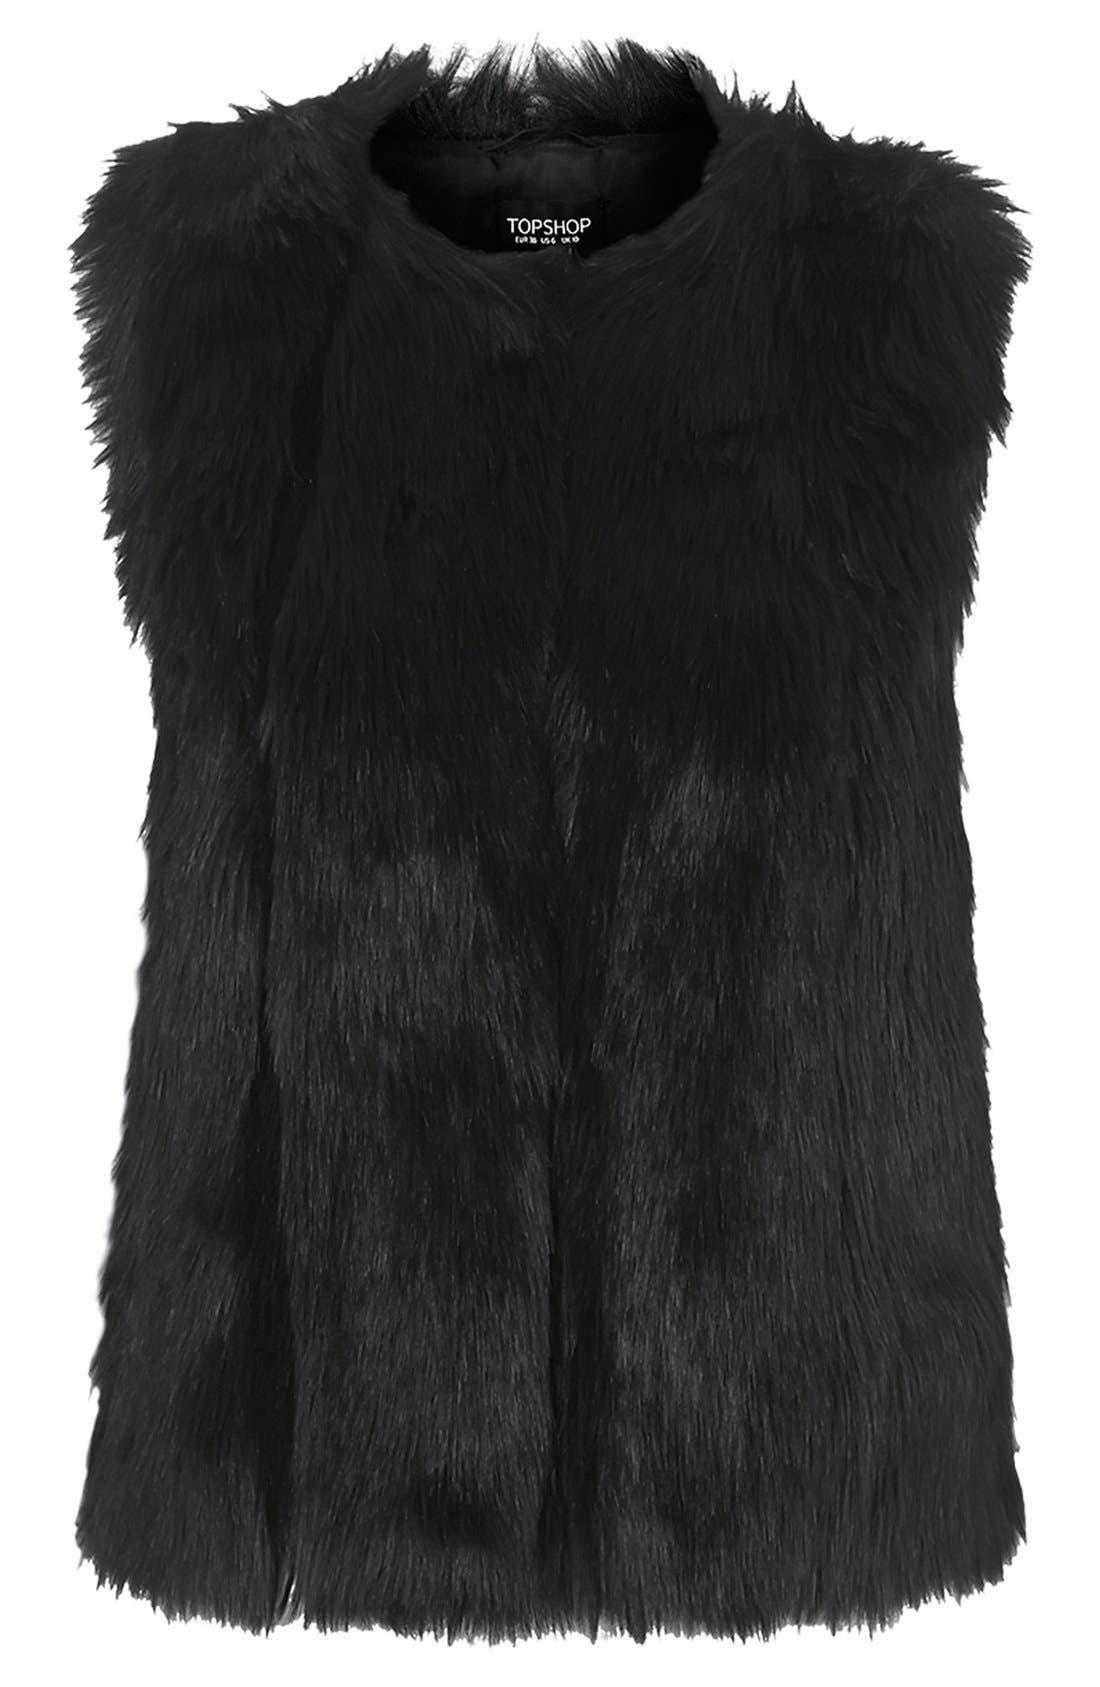 TOPSHOP, 'Leah' Faux Fur Vest, Alternate thumbnail 2, color, 001